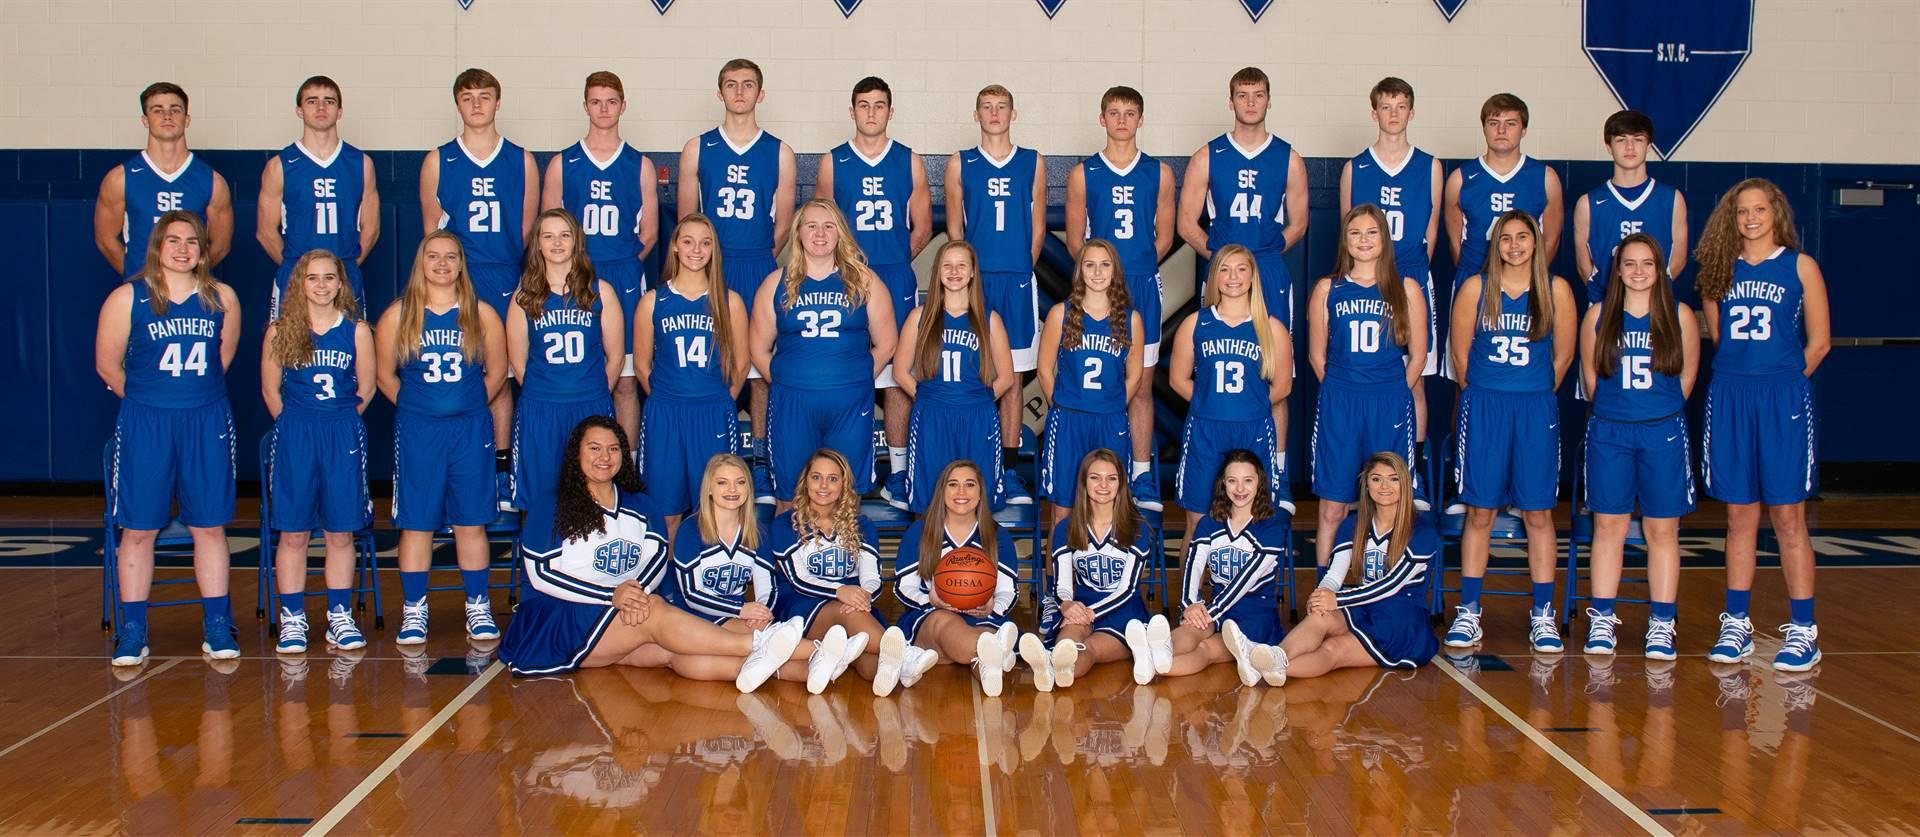 All Basketball Teams